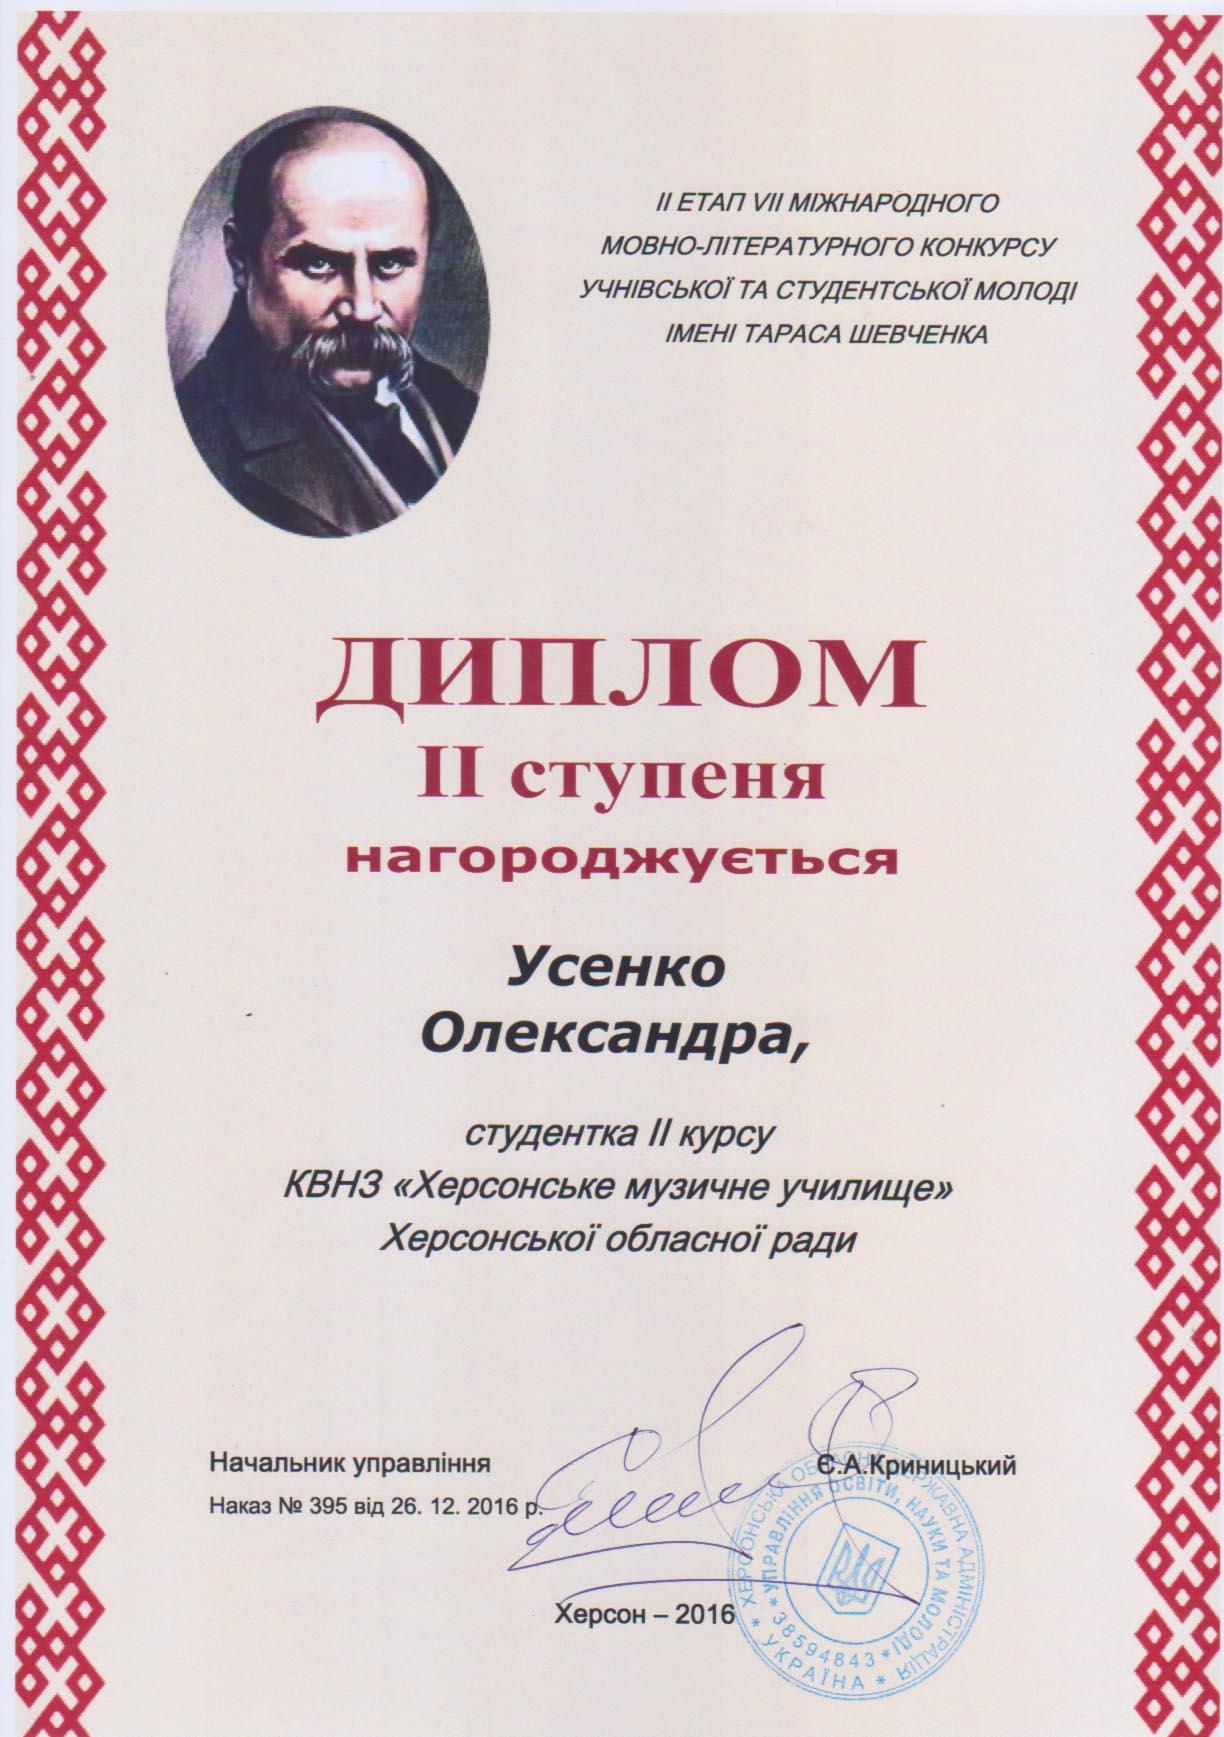 Усенко Олександра